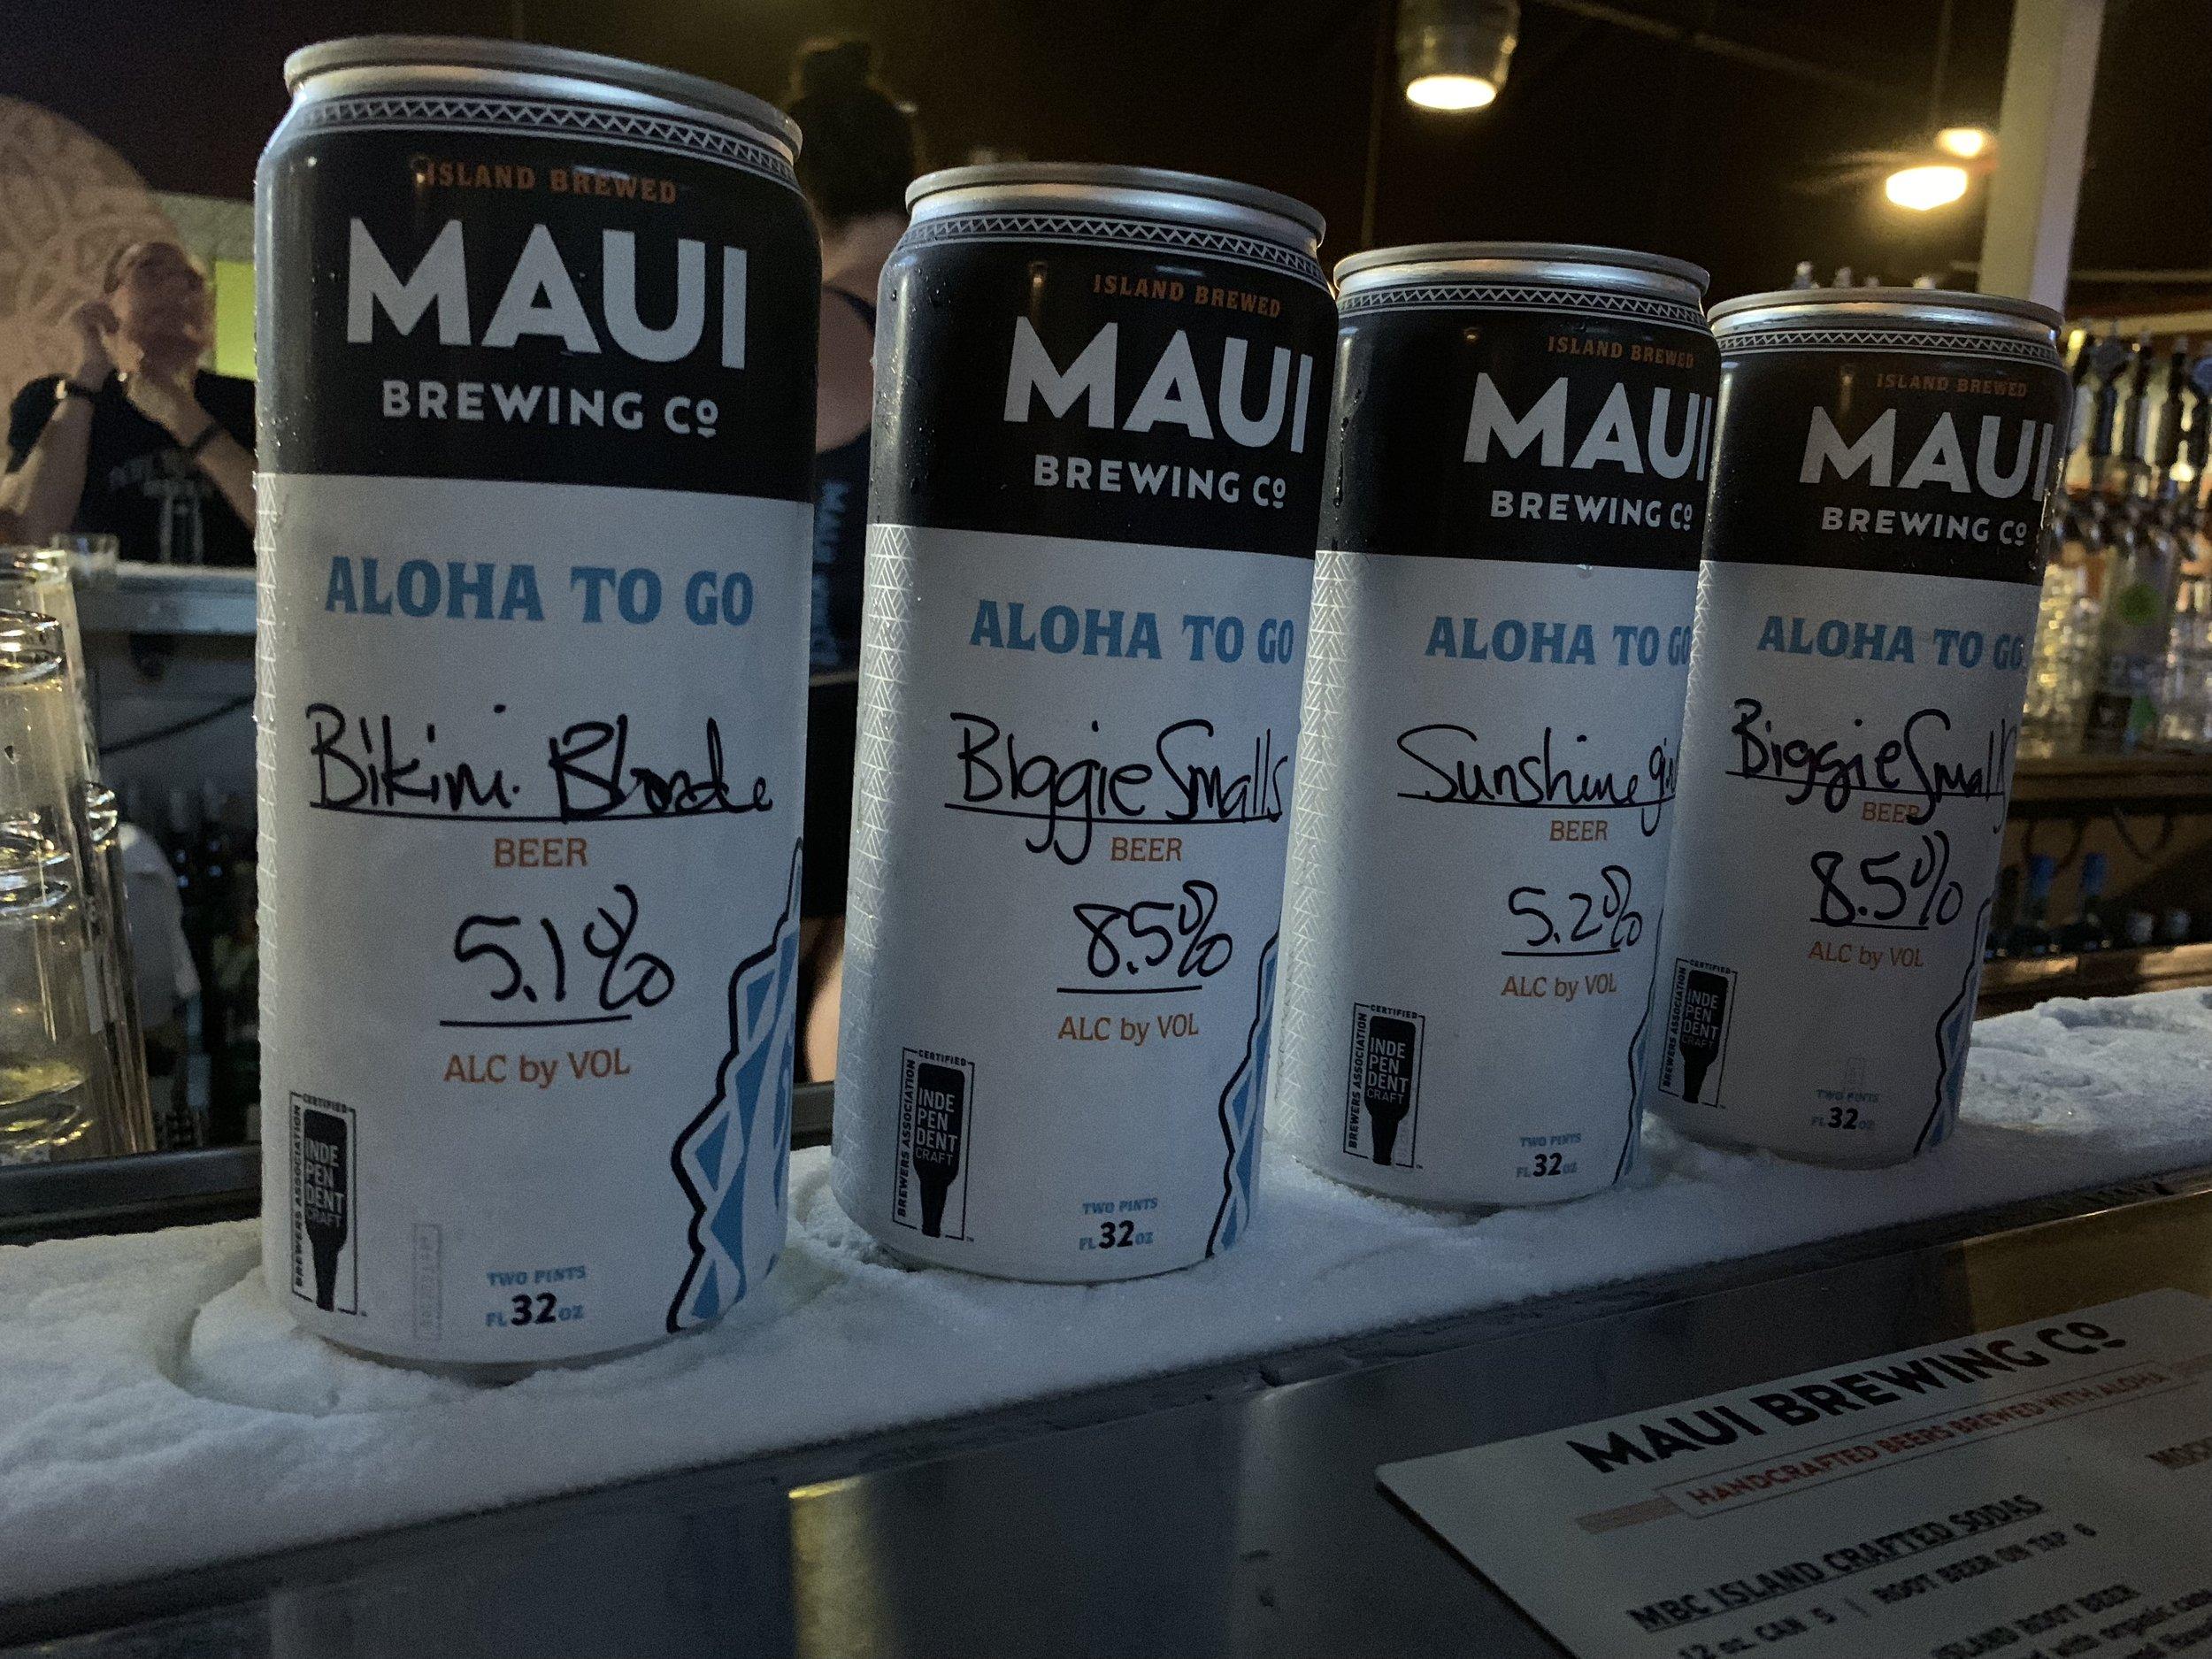 Maui Brewing Company - Biggie Smalls